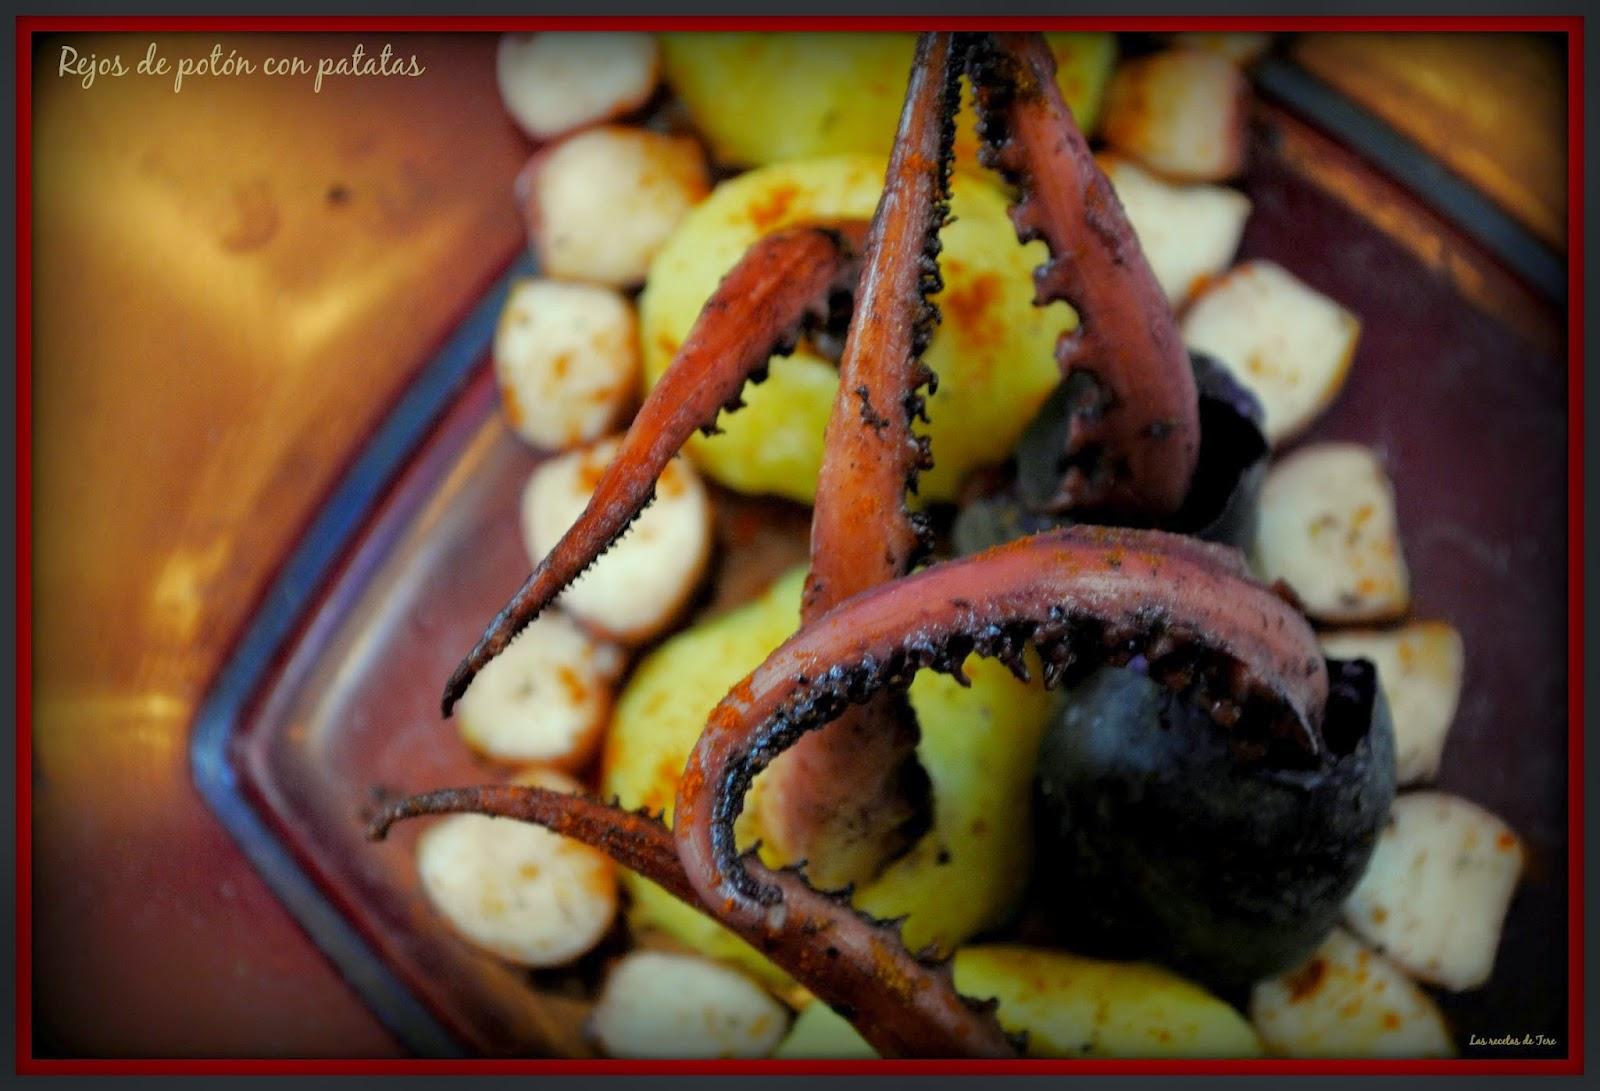 rejos de potón con patatas tererecetas 06